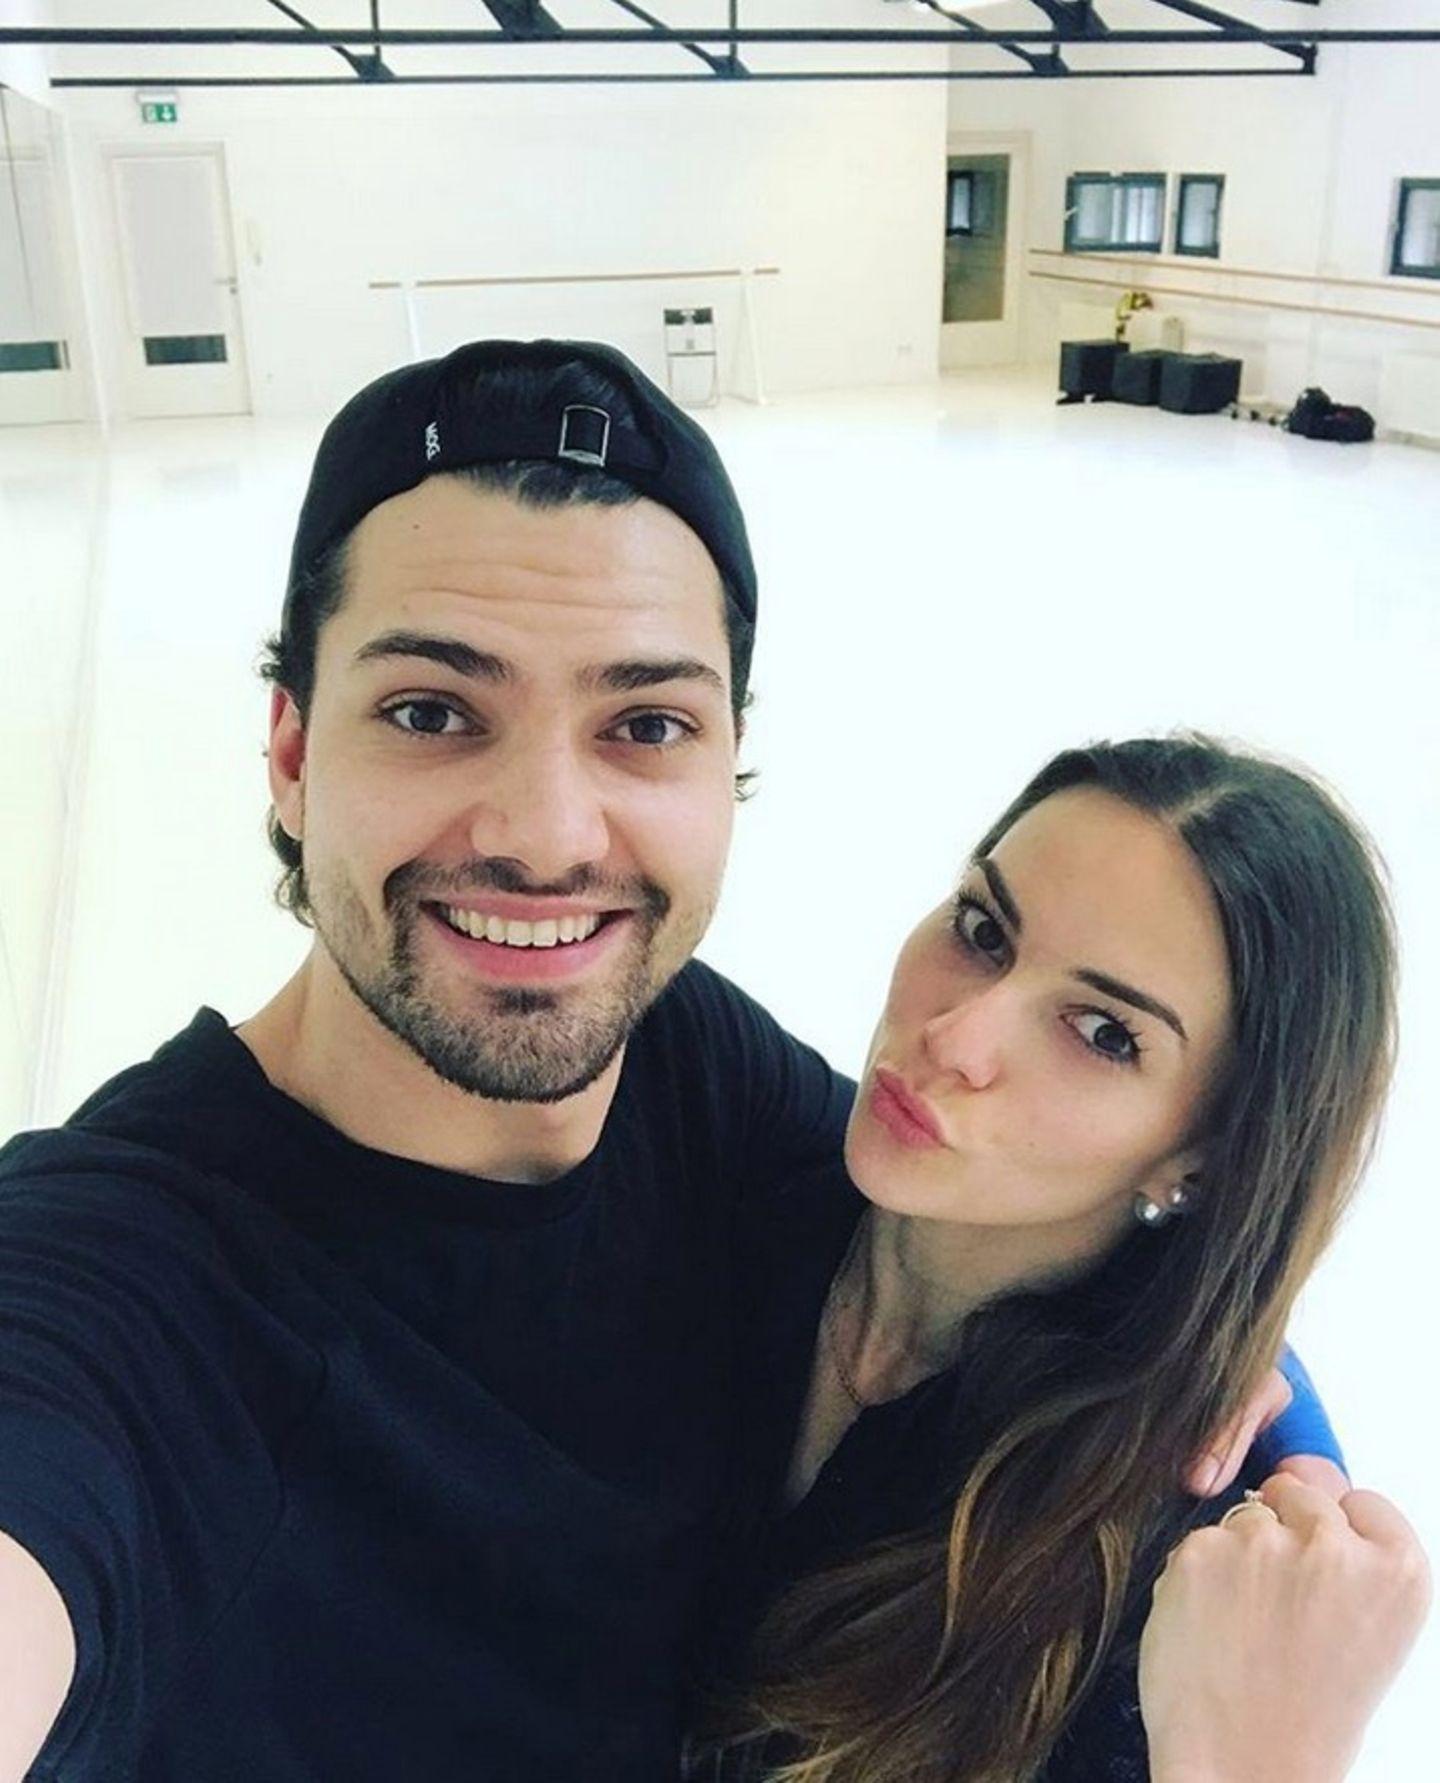 Ob es wohl eine tänzerische Steigerung zur letzten Show geben wird? Jimi Blue Ochsenknecht und Tanzpartnerin Renata Lusin sind kräftig am Trainieren.